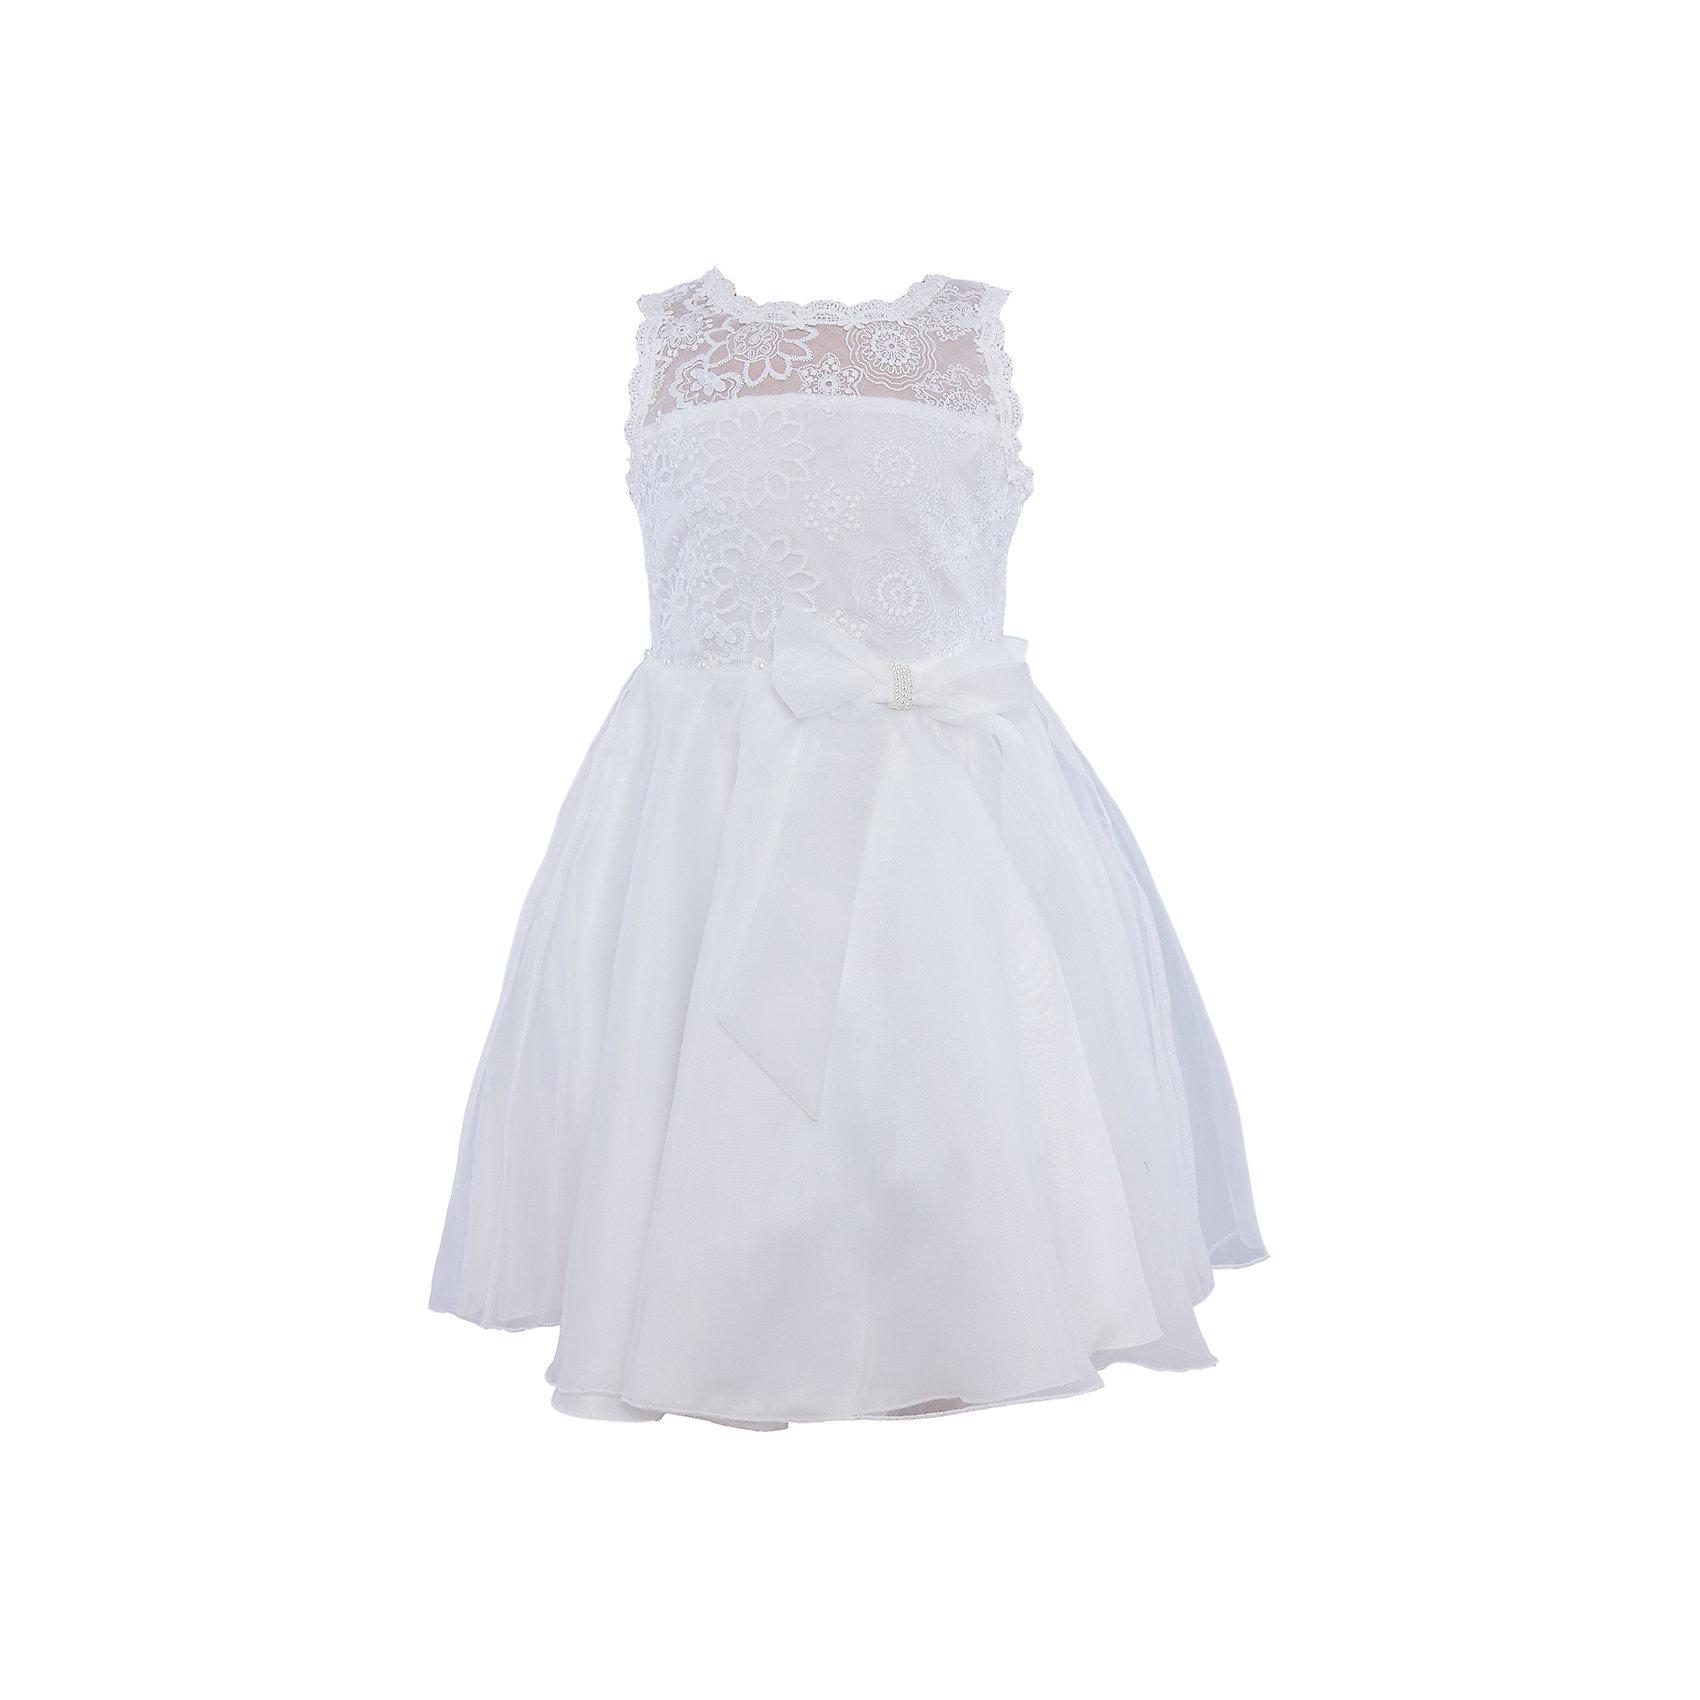 Нарядное платье для девочки Sweet BerryХарактеристики:<br><br>• Вид одежды: платье<br>• Предназначение: для праздника, торжеств<br>• Сезон: круглый год<br>• Материал: верх – 100% полиэстер; подкладка – 100% хлопок<br>• Цвет: белый<br>• Силуэт: классический А-силуэт<br>• Длина платья: миди<br>• Вырез горловины: круглый<br>• Наличие банта сзади<br>• Застежка: пуговицы на спинке<br>• Платье декорировано бусинами в форме жемчужин<br>• Особенности ухода: ручная стирка без применения отбеливающих средств, глажение при низкой температуре <br><br>Sweet Berry – это производитель, который сочетает в своей одежде функциональность, качество, стиль и следование современным мировым тенденциям в детской текстильной индустрии. <br>Нежное платье для девочки от знаменитого производителя детской одежды Sweet Berry выполнено из полиэстера с хлопковой подкладкой. Изделие имеет классический силуэт с отрезной талией и пышной атласной юбкой. Пышность и объем юбке придает подъюбник. Кокетка и спинка выполнены из нежнейшего итальянского кружева белого цвета, горловина и вырезы рукавов обработаны тесьмой из кружева. Талия декорирована жемчужинами и поясом с бантом. Праздничное платье от Sweet Berry – это залог успеха вашего ребенка на любом торжестве!<br><br>Платье для девочки Sweet Berry можно купить в нашем интернет-магазине.<br><br>Ширина мм: 236<br>Глубина мм: 16<br>Высота мм: 184<br>Вес г: 177<br>Цвет: белый<br>Возраст от месяцев: 24<br>Возраст до месяцев: 36<br>Пол: Женский<br>Возраст: Детский<br>Размер: 98,122,116,128,104,110<br>SKU: 5052119